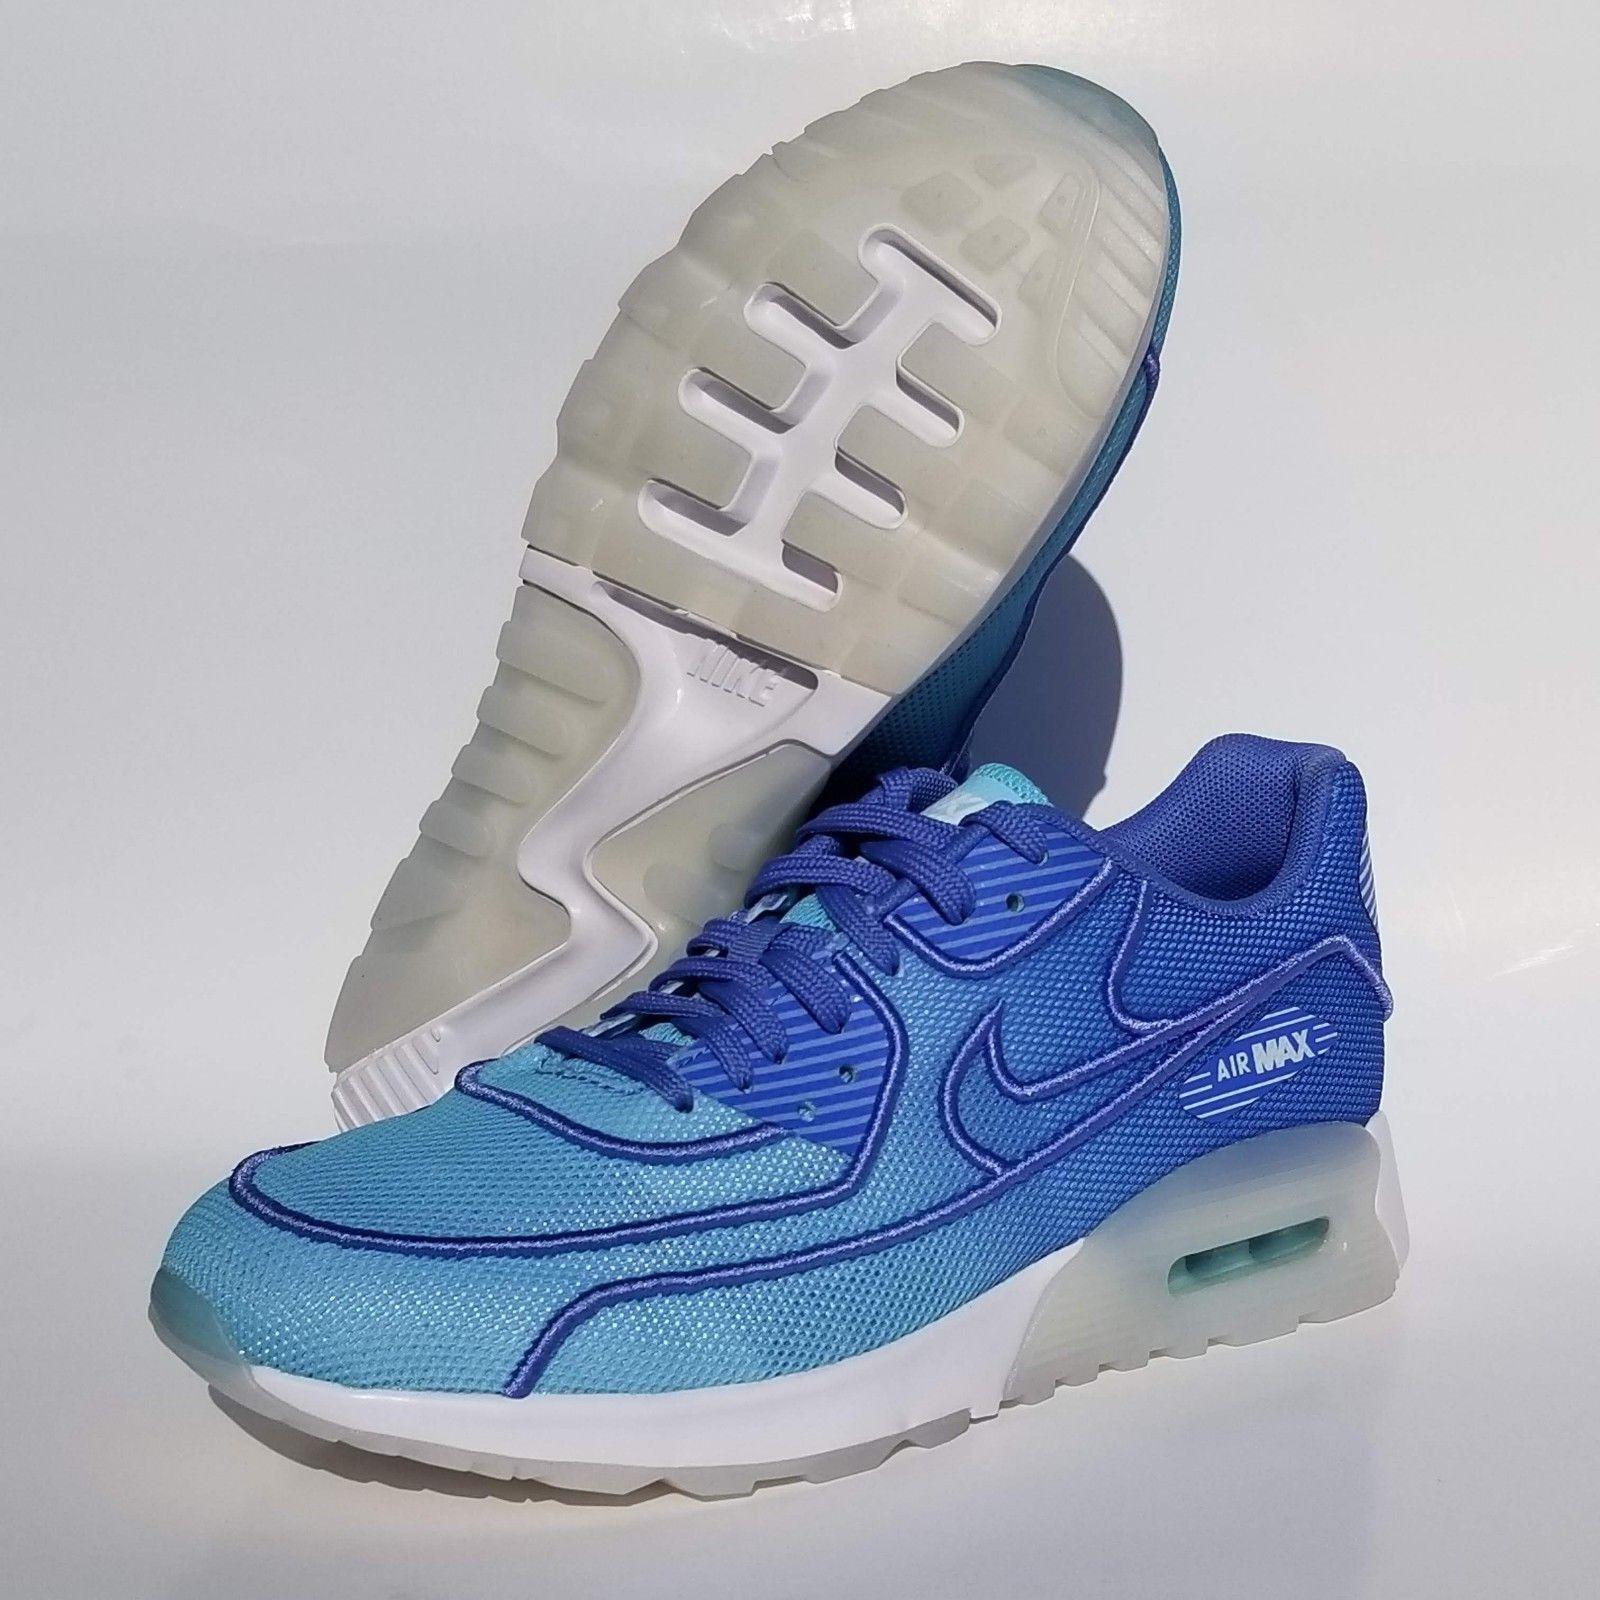 Nike air max 90 ultra - donne contro blu / bianco 917523-400